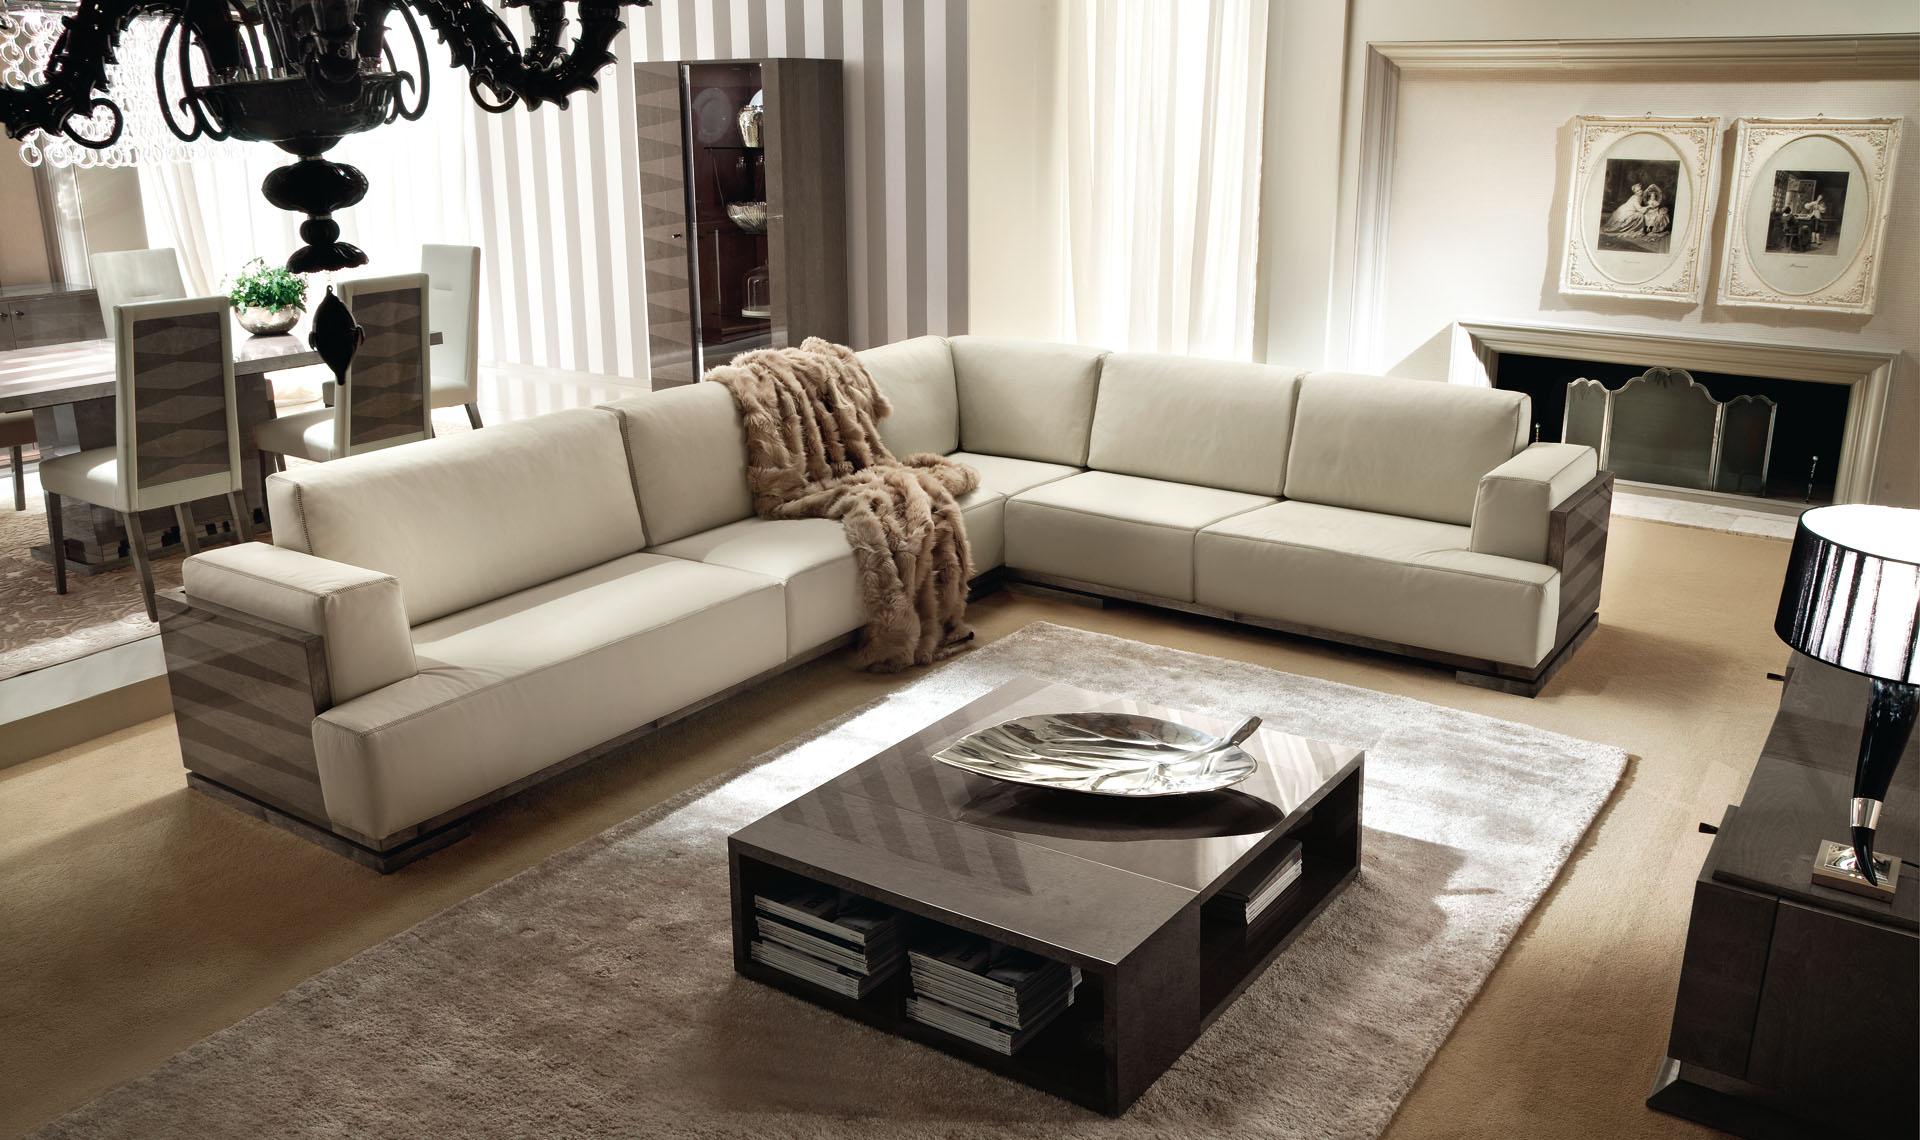 Monaco Living Room Overview 3